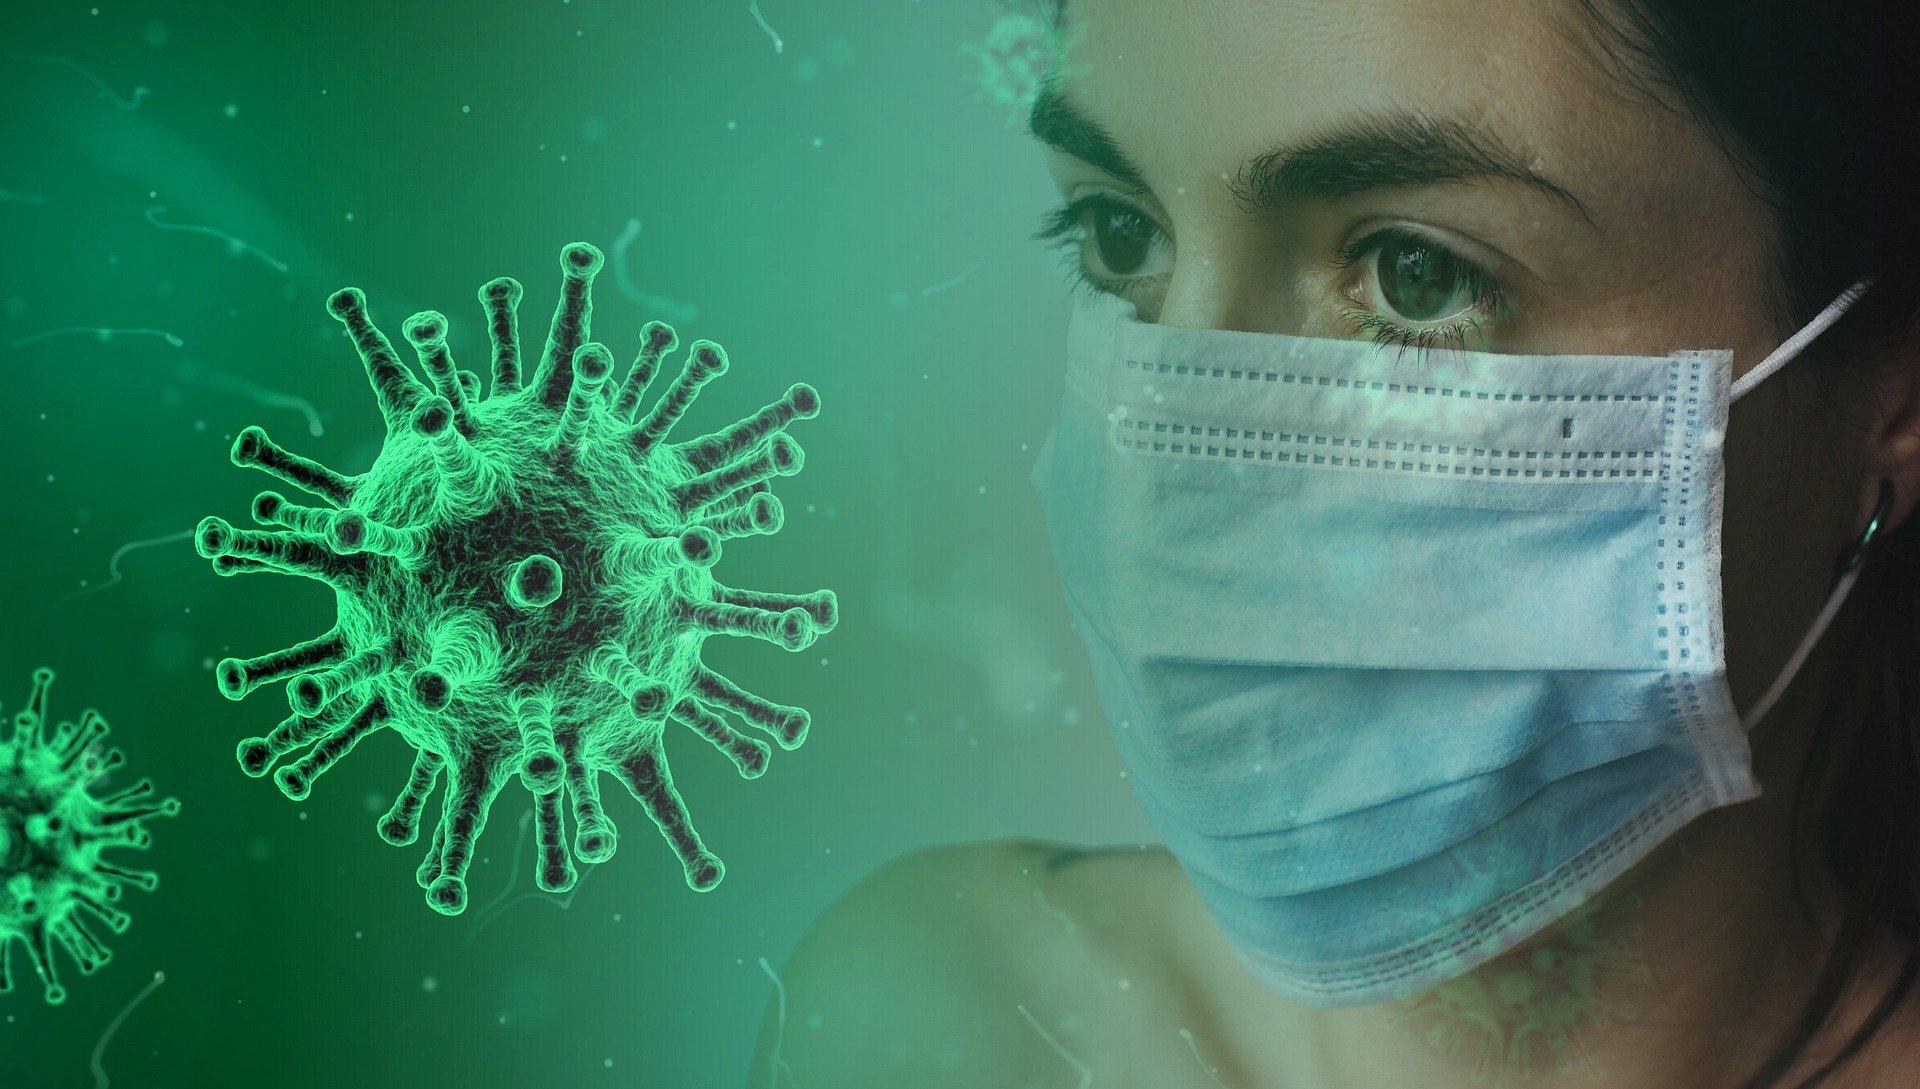 Ανακαλύφθηκαν πρωτεΐνες που προβλέπουν τη βαρύτητα της νόσου covid-19